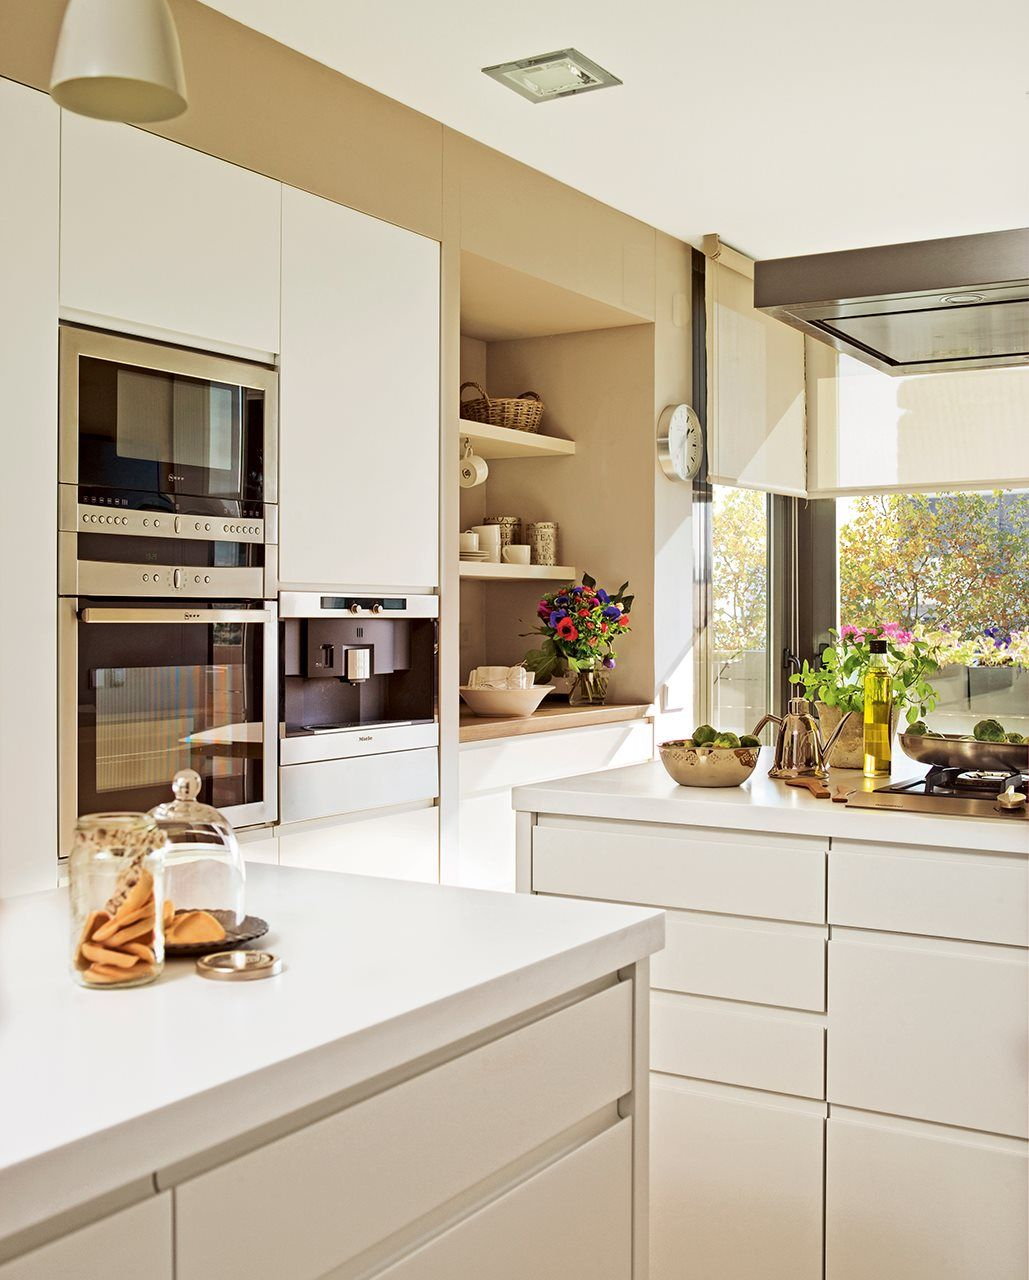 La cocina de los mil cajones cocinas y - Cocinas y banos ...